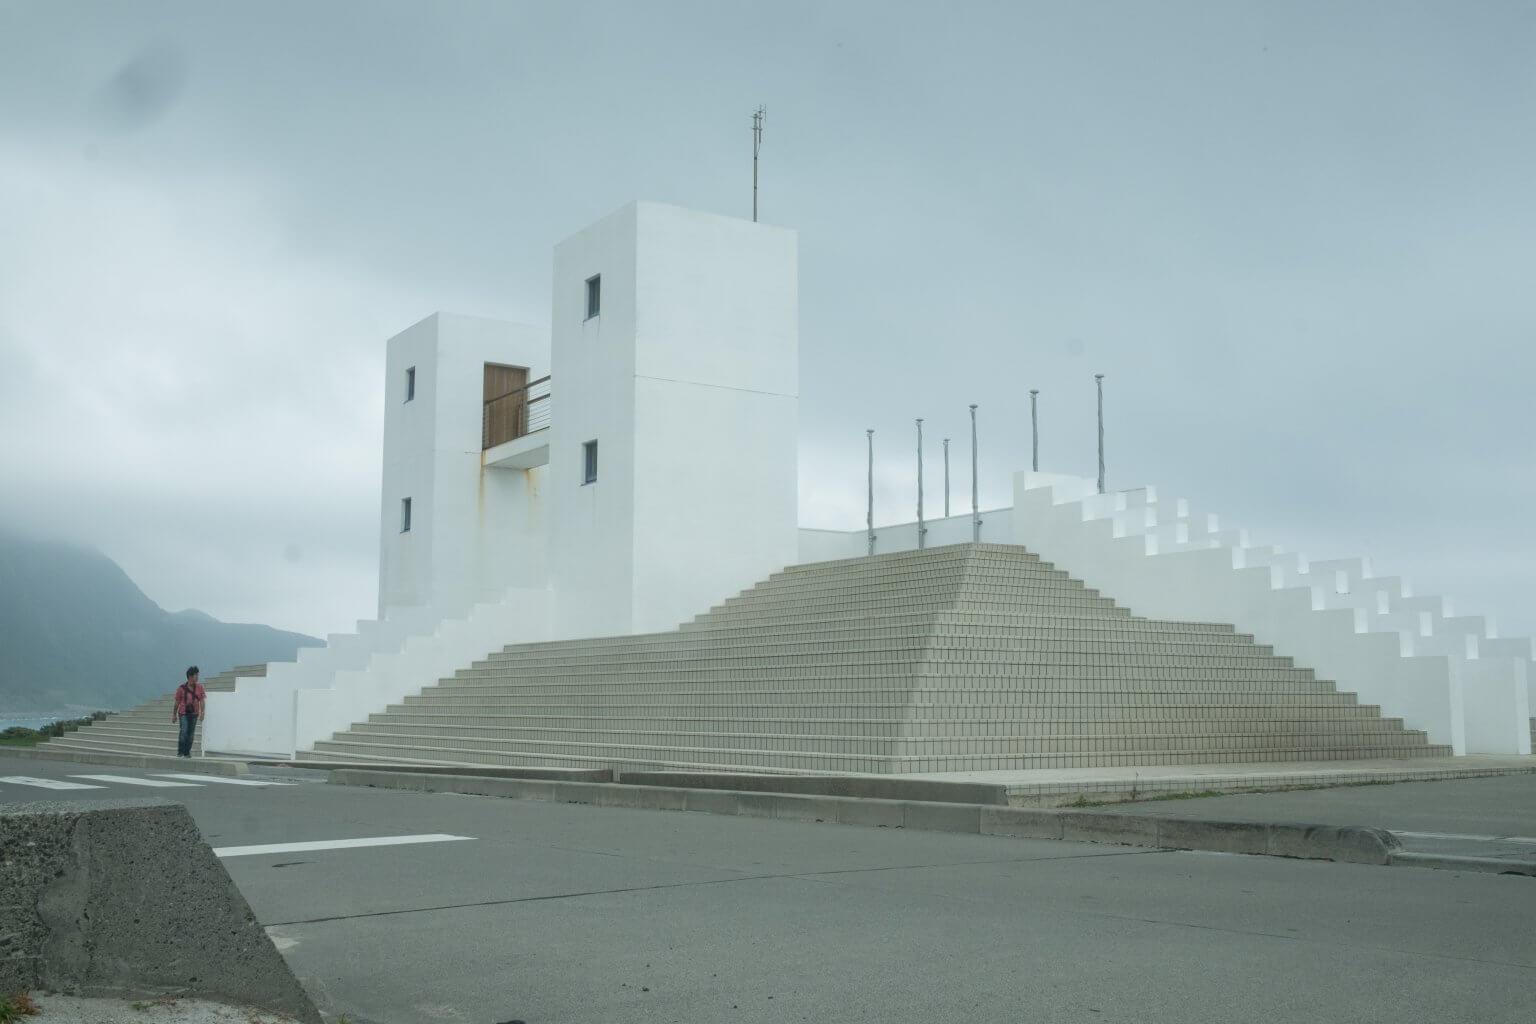 羽伏浦海岸 メインゲート